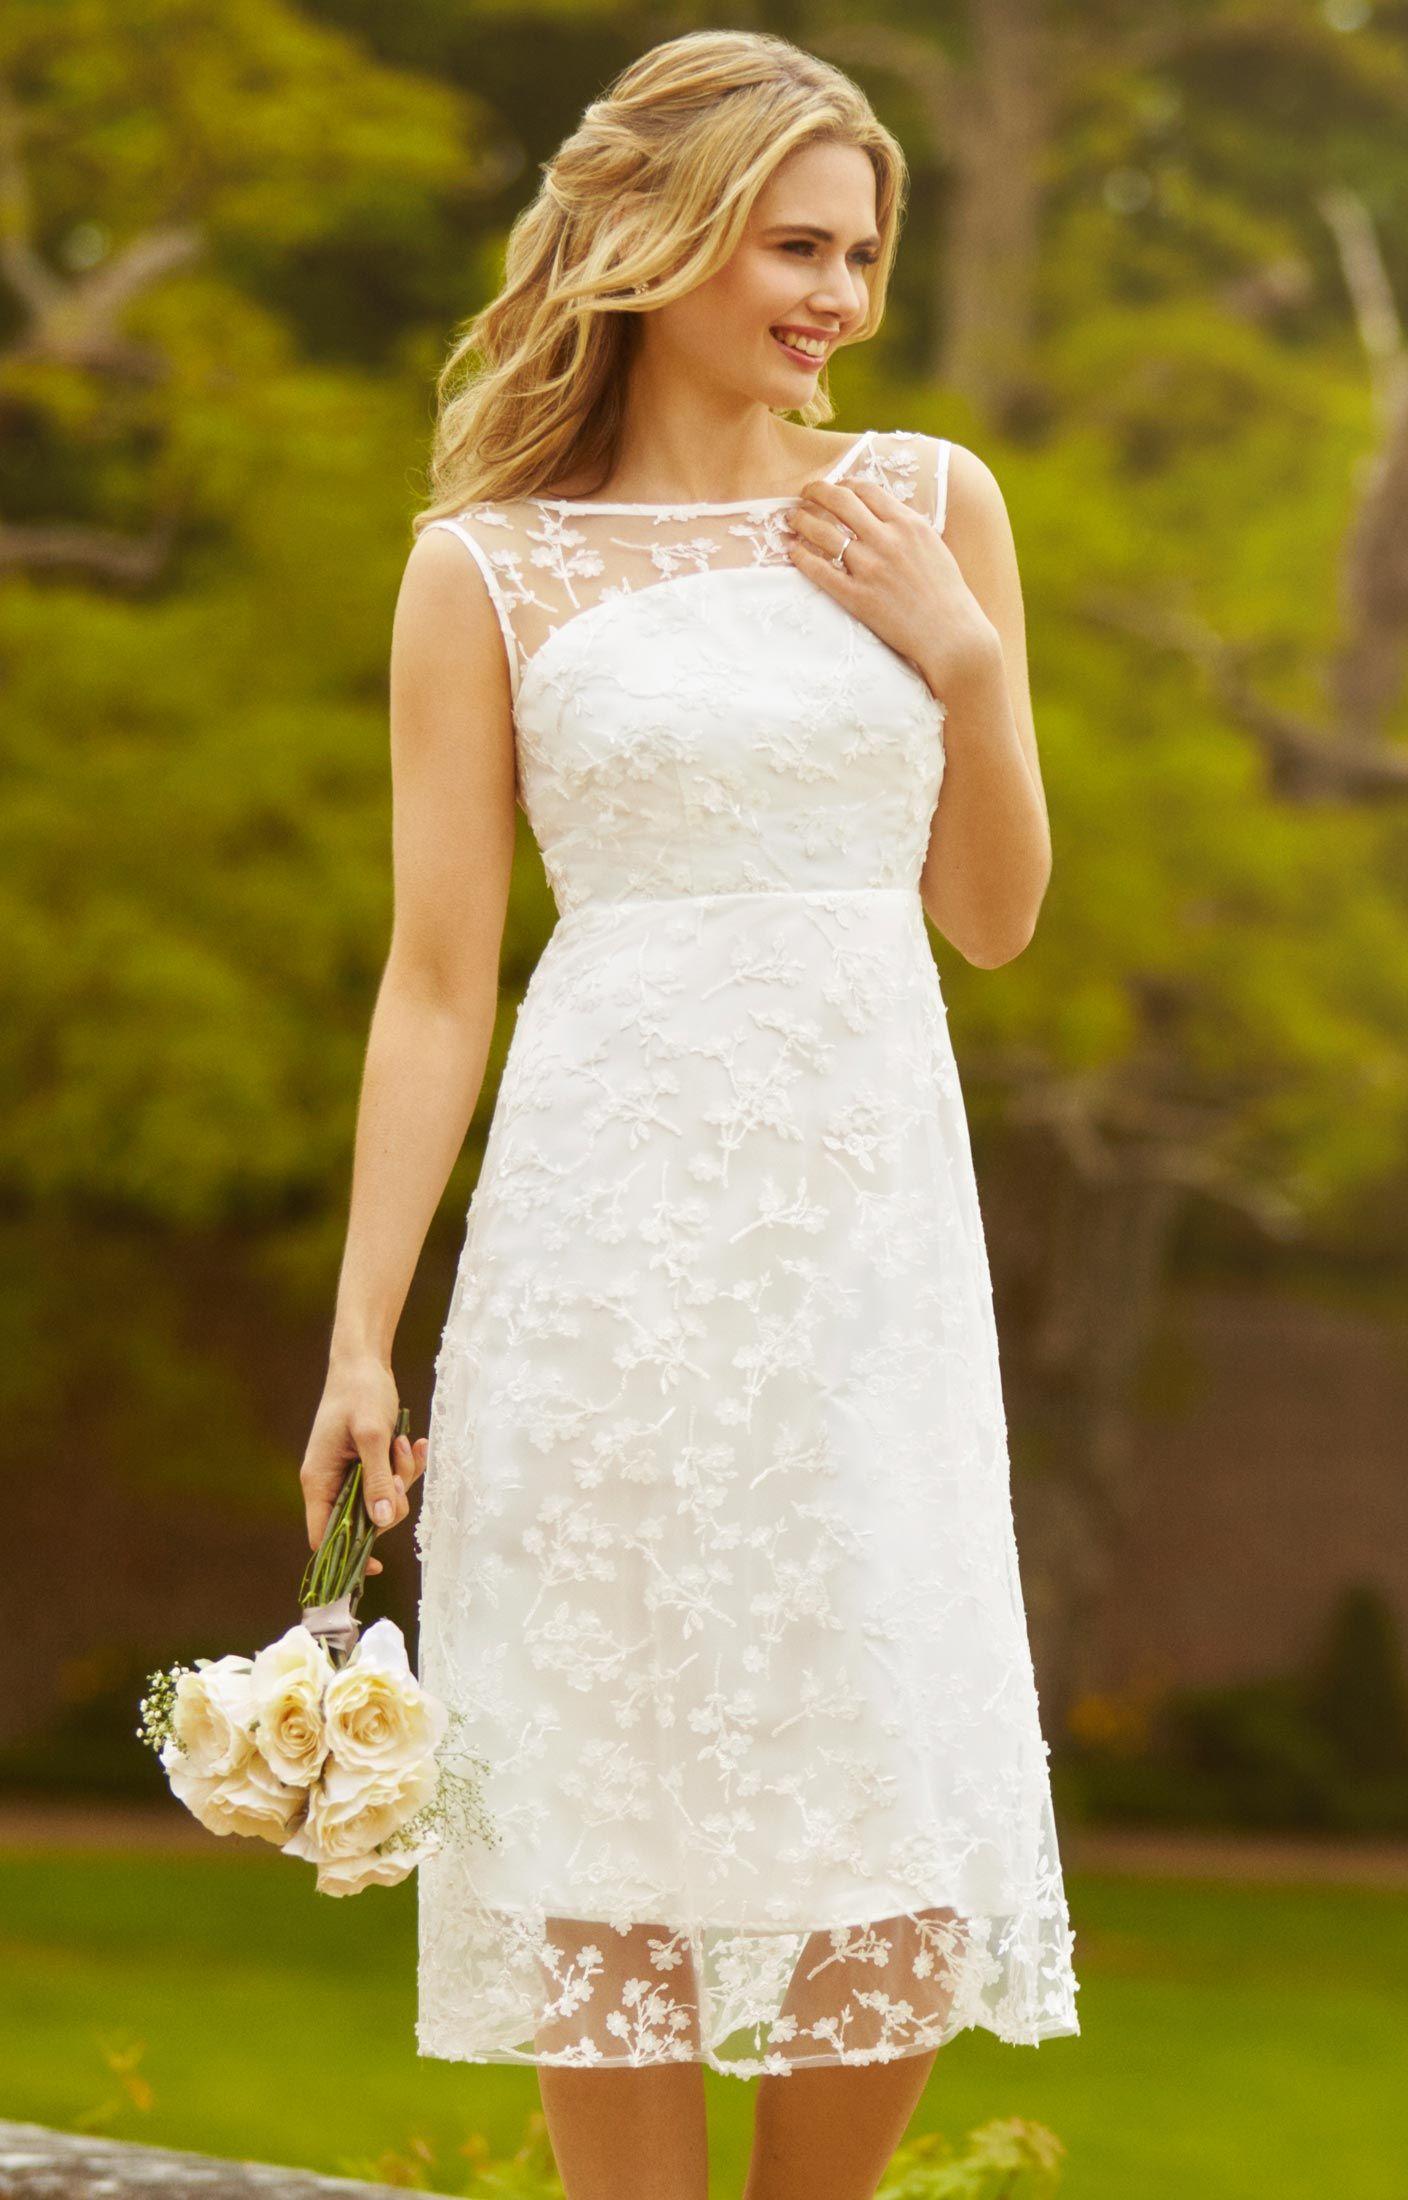 Azalia Midi Wedding Gown Ivory By Alie Street Simple Wedding Dress Casual Midi Wedding Dress Simple Wedding Dress Short [ 2200 x 1408 Pixel ]